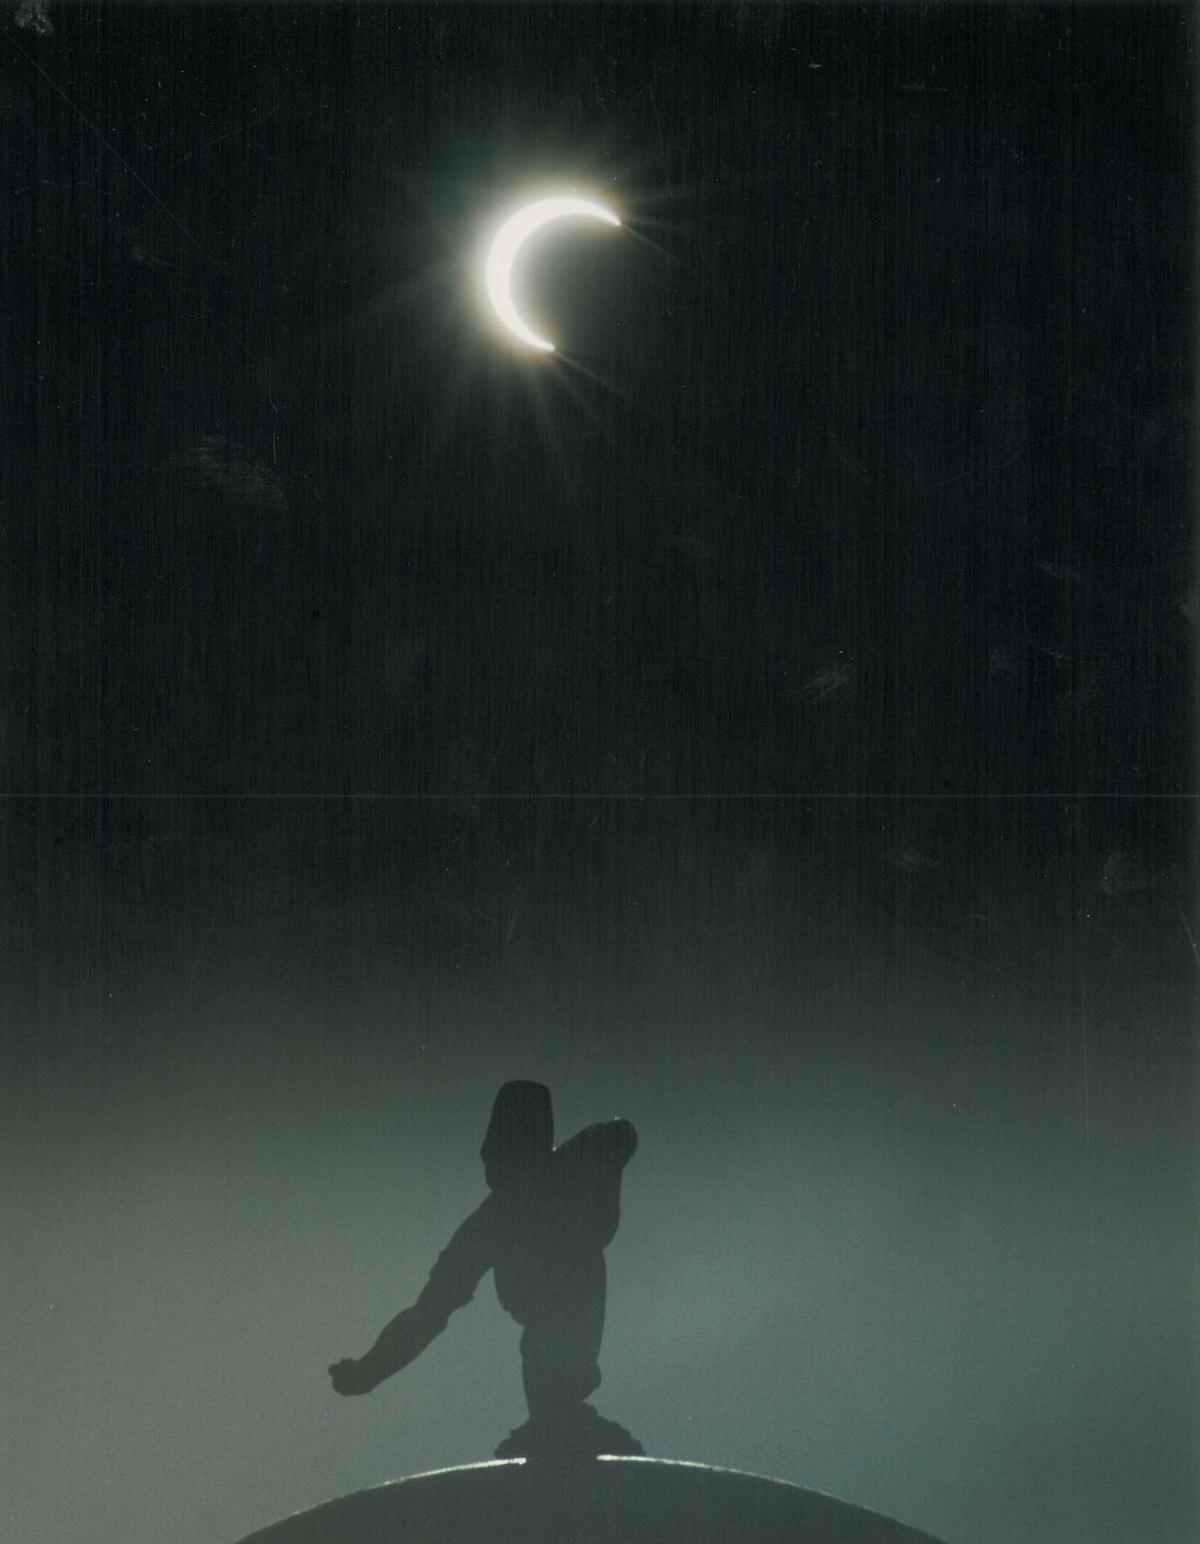 1994 eclipse